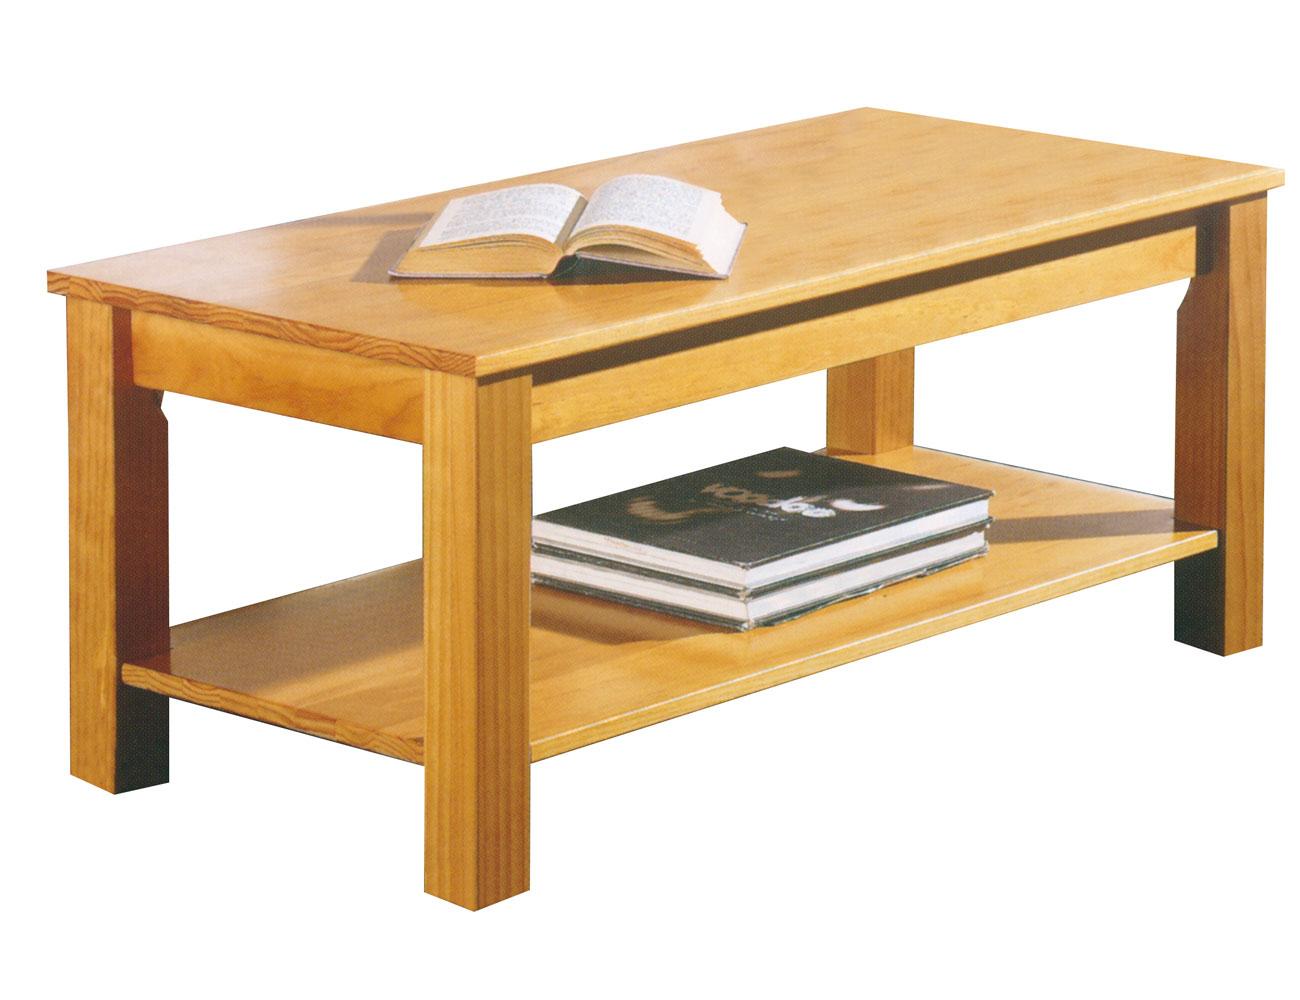 Muebles de salón comedor de madera de pino en color miel (8131